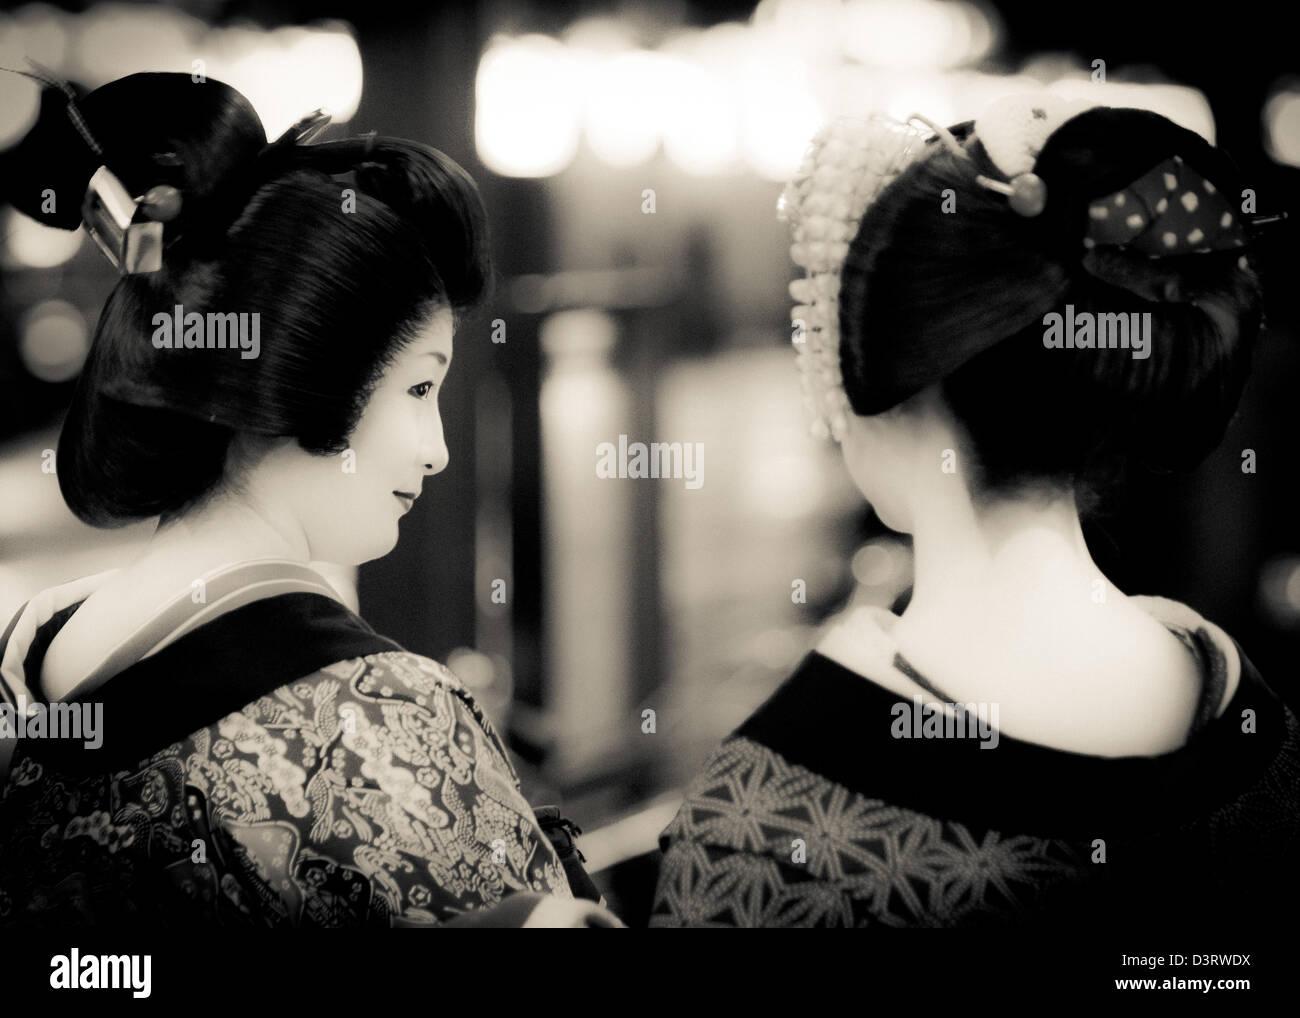 Las geishas en las calles de Kyoto, Japón Foto de stock